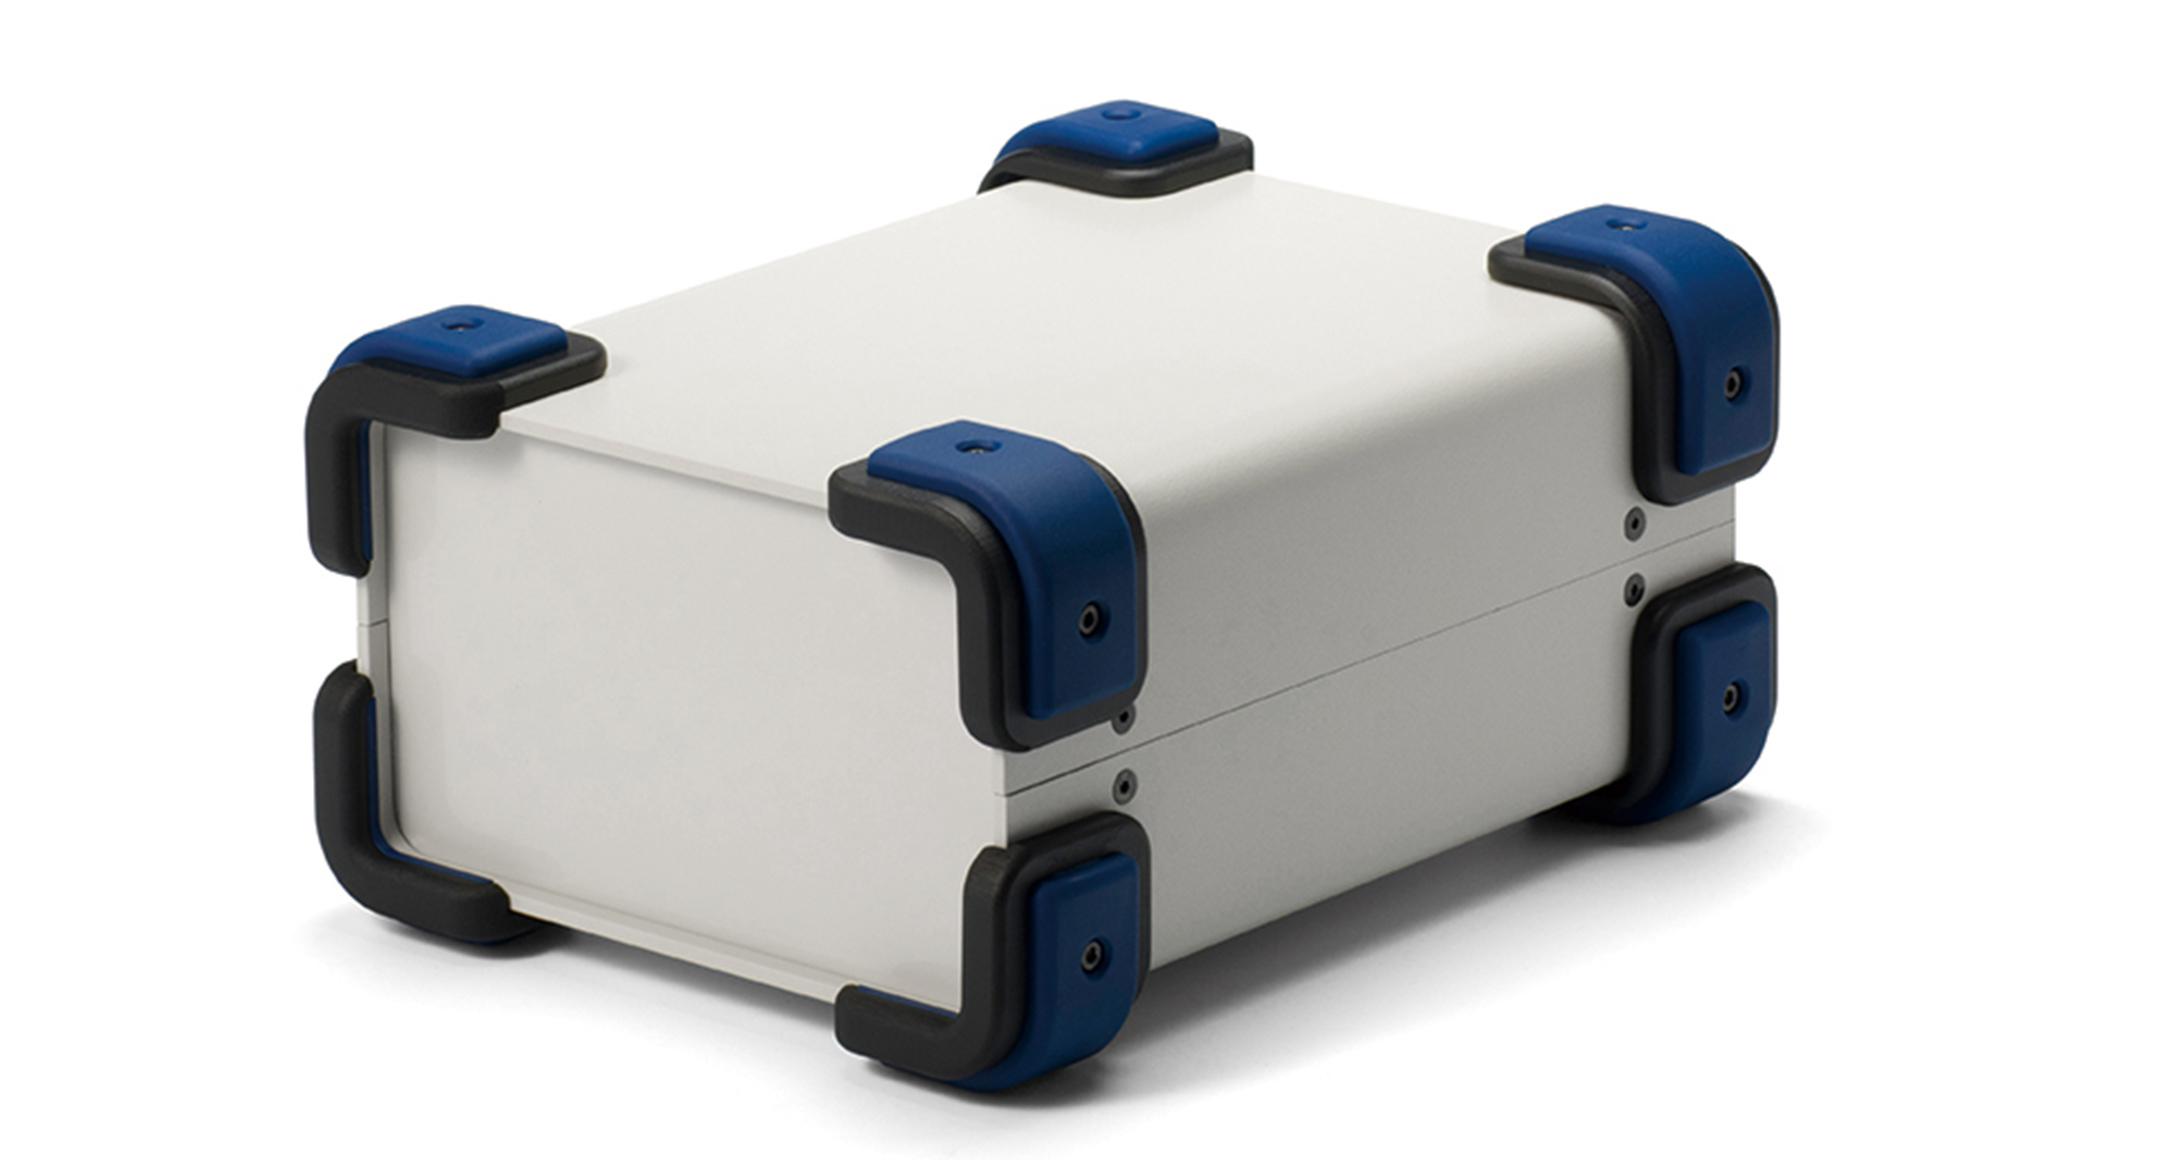 コーナーガード付フリーサイズケース UCGSシリーズ:ライトグレー/ネイビーの画像